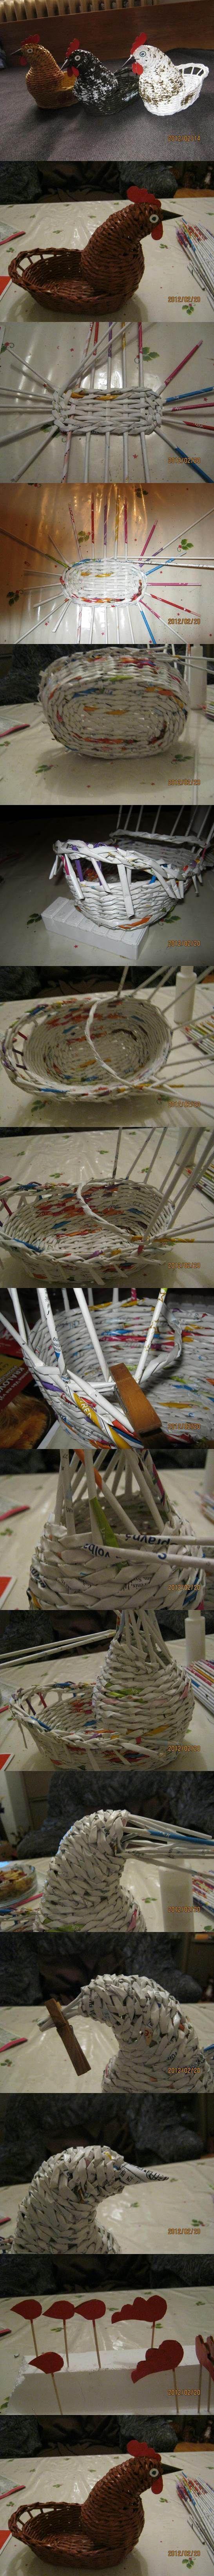 DIY Woven Paper Chicken Easter Basket   iCreativeIdeas.com Follow Us on Facebook --> https://www.facebook.com/icreativeideas: